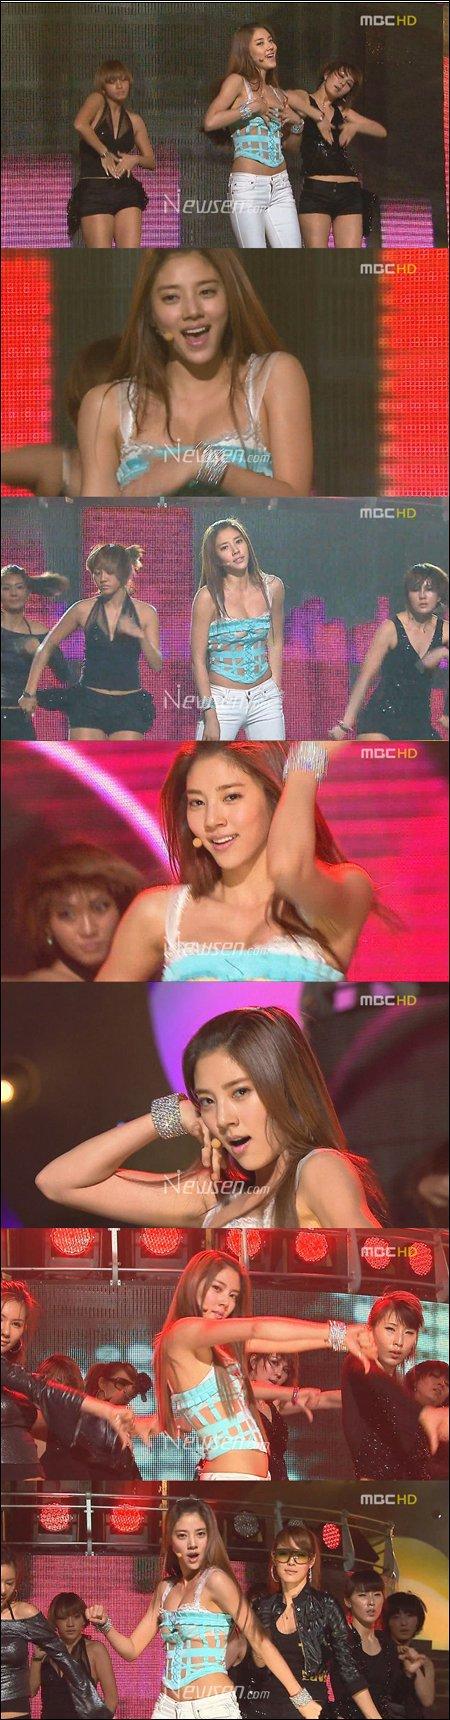 Son Dam Bi Lingerie-clad performance